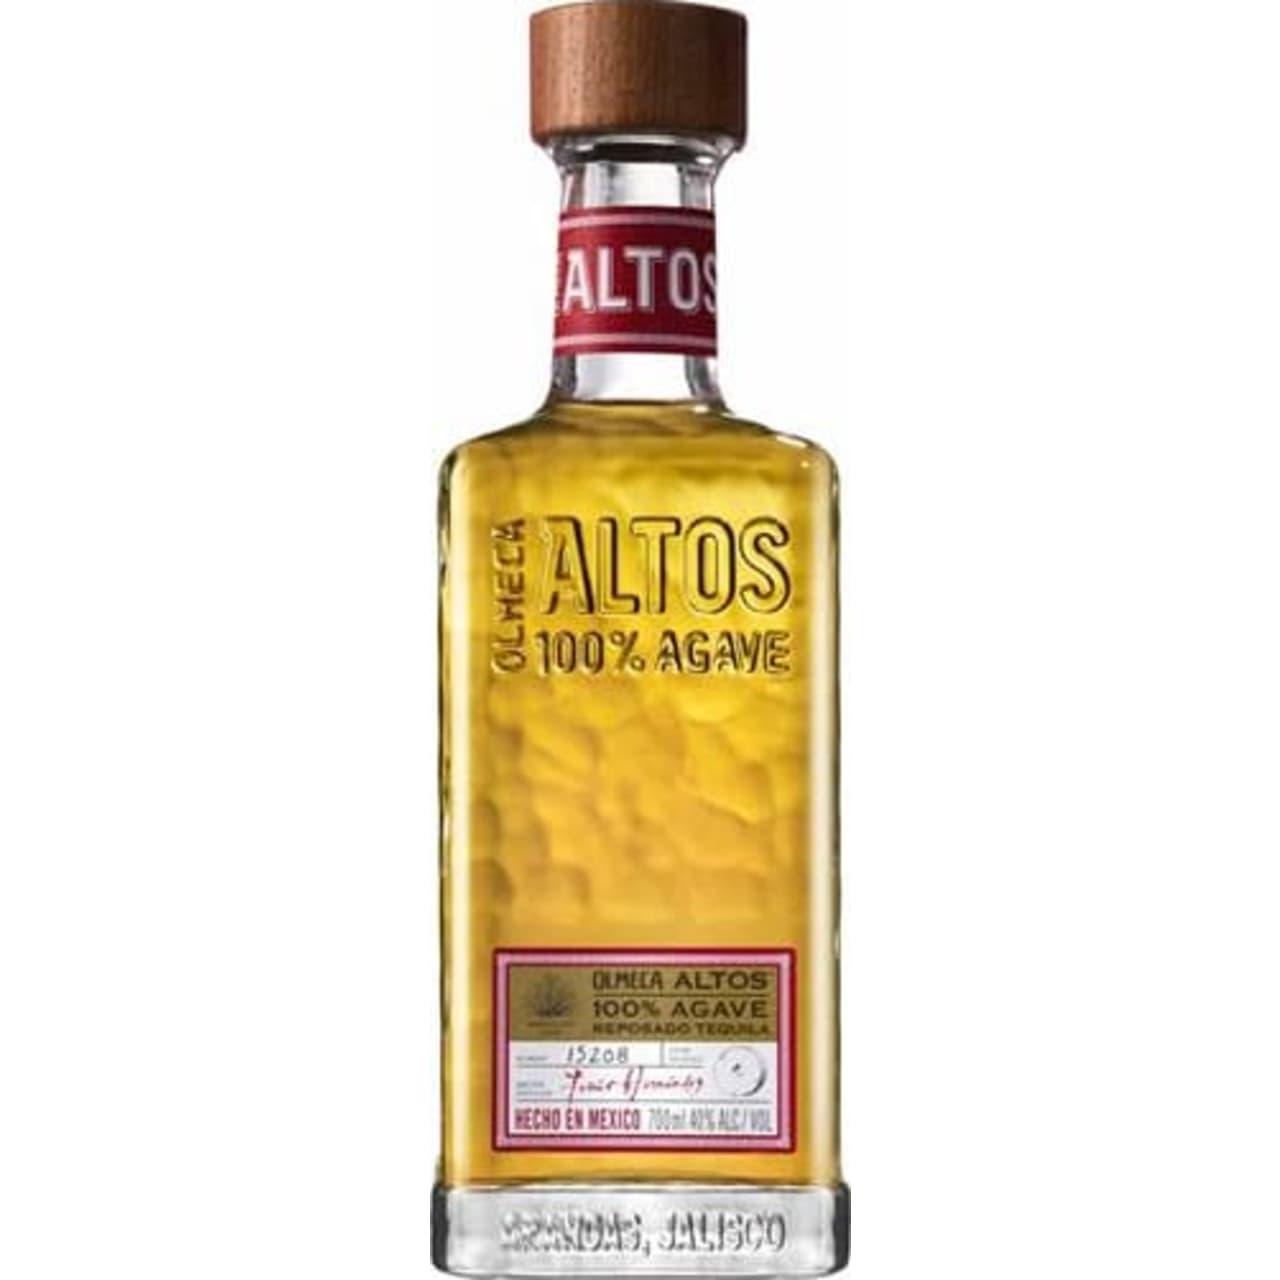 Product Image - Olmeca Altos Reposado Tequila